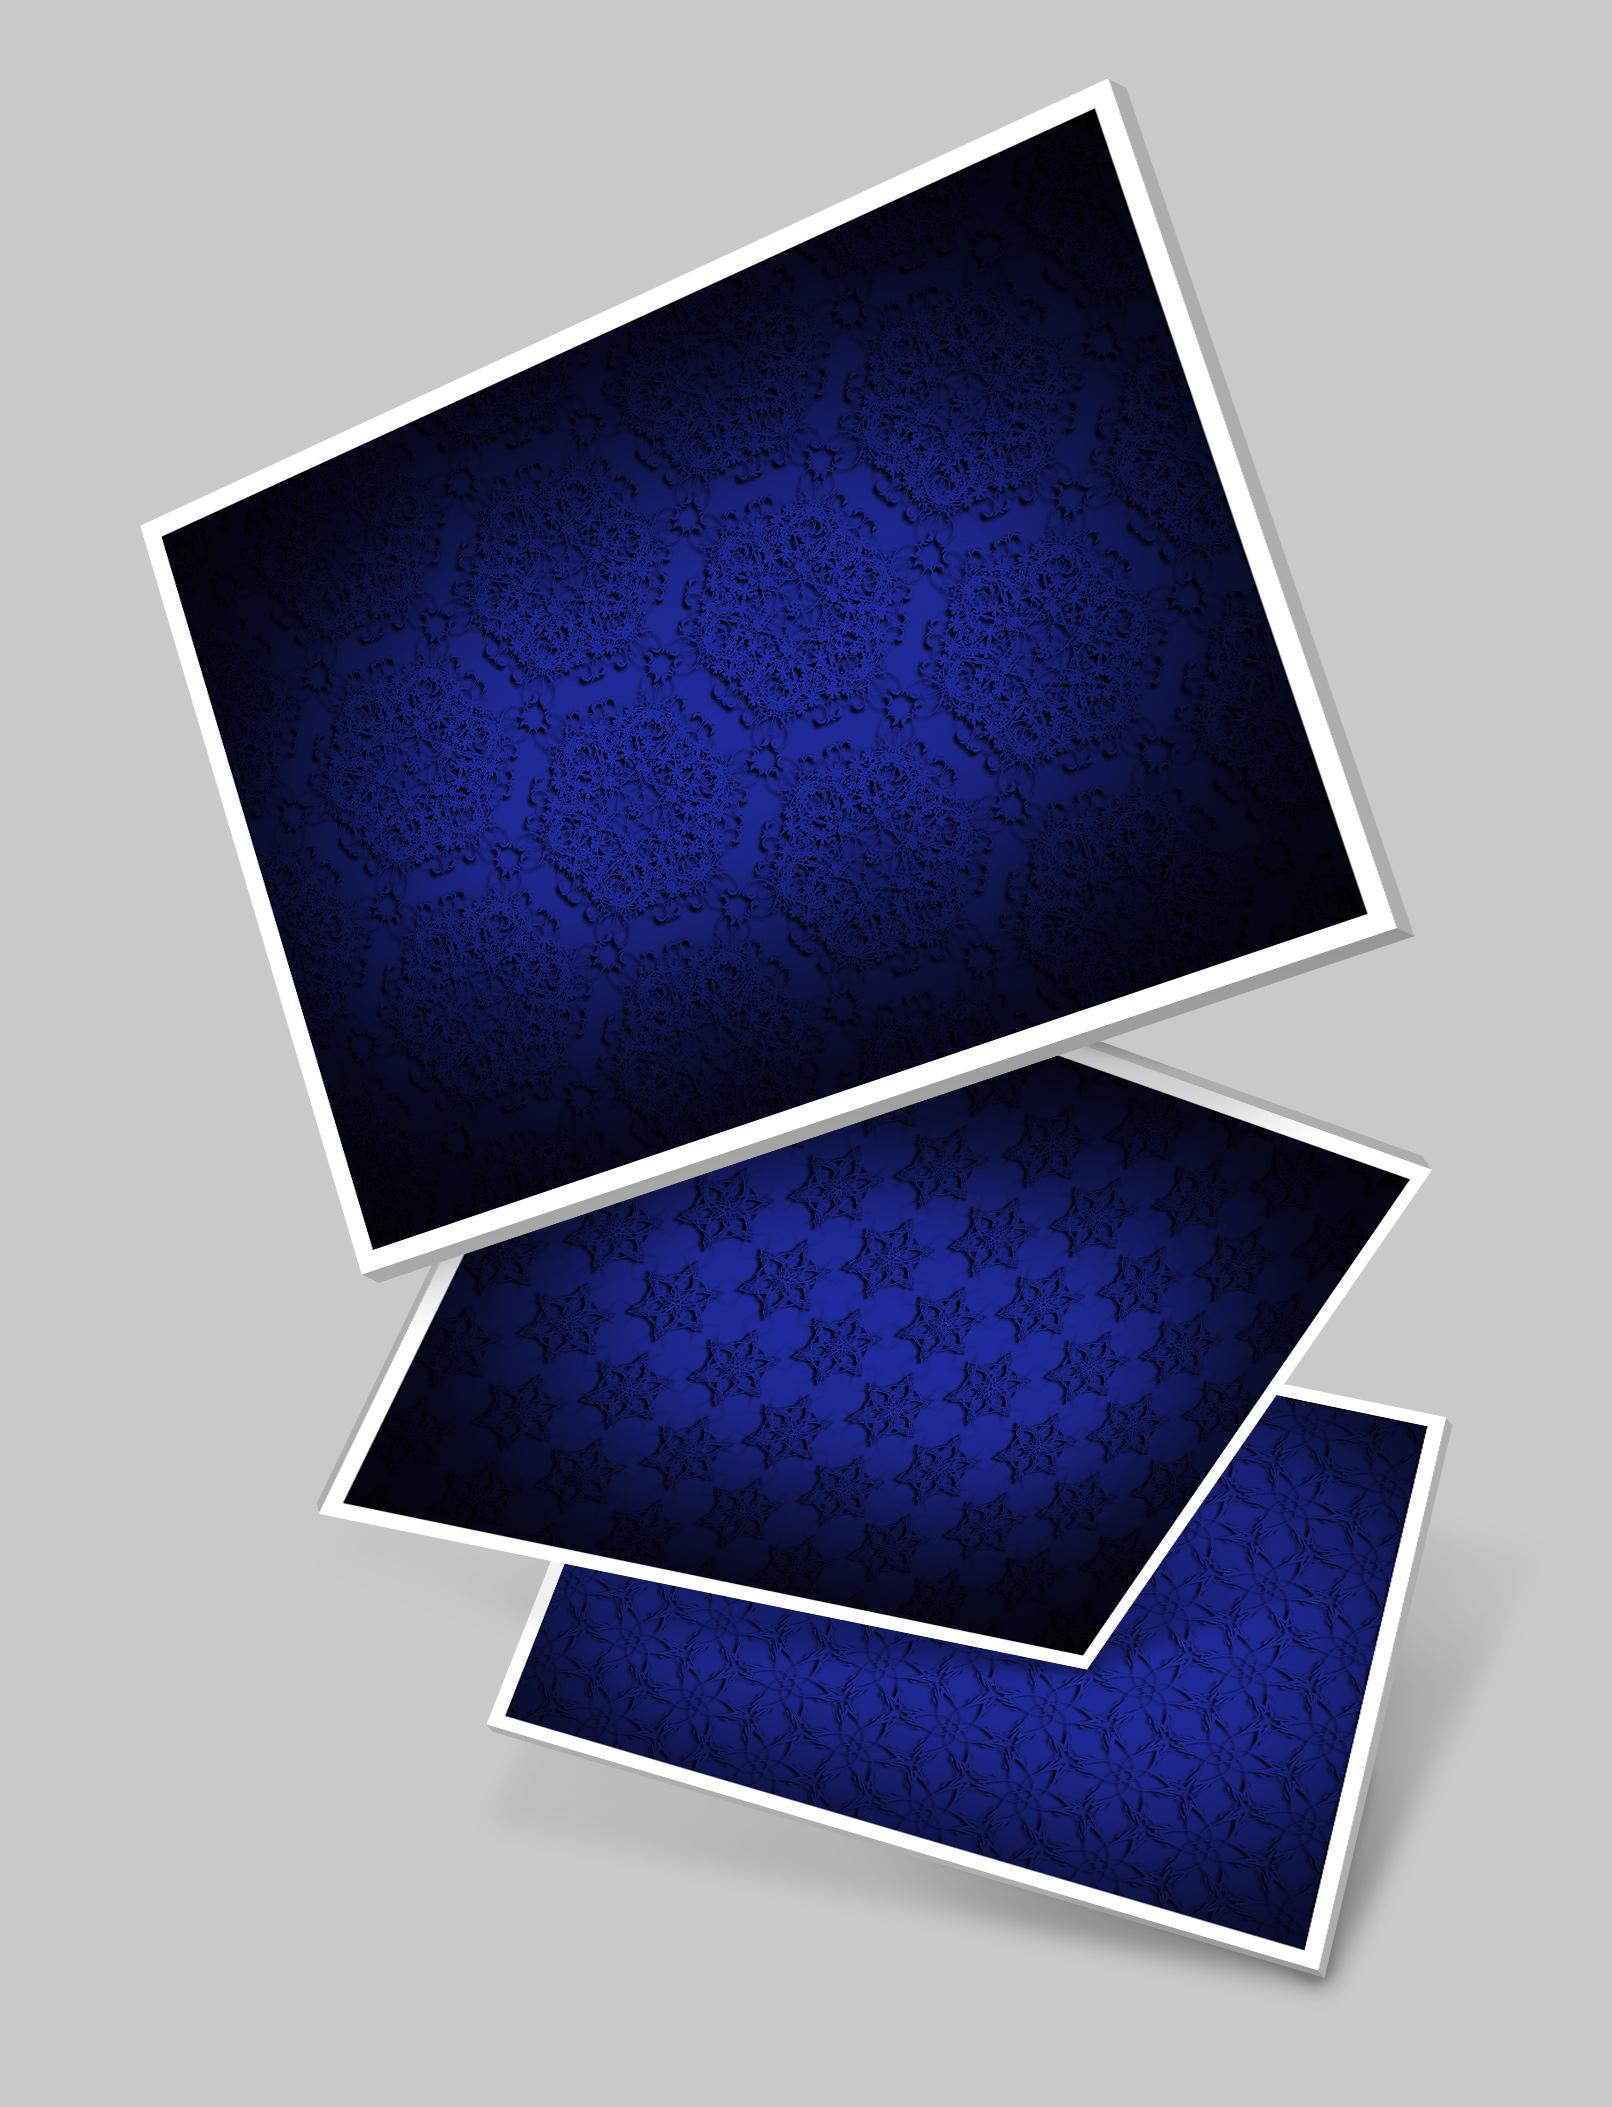 Drei Varianten mit Hintergrundbildern in Blau